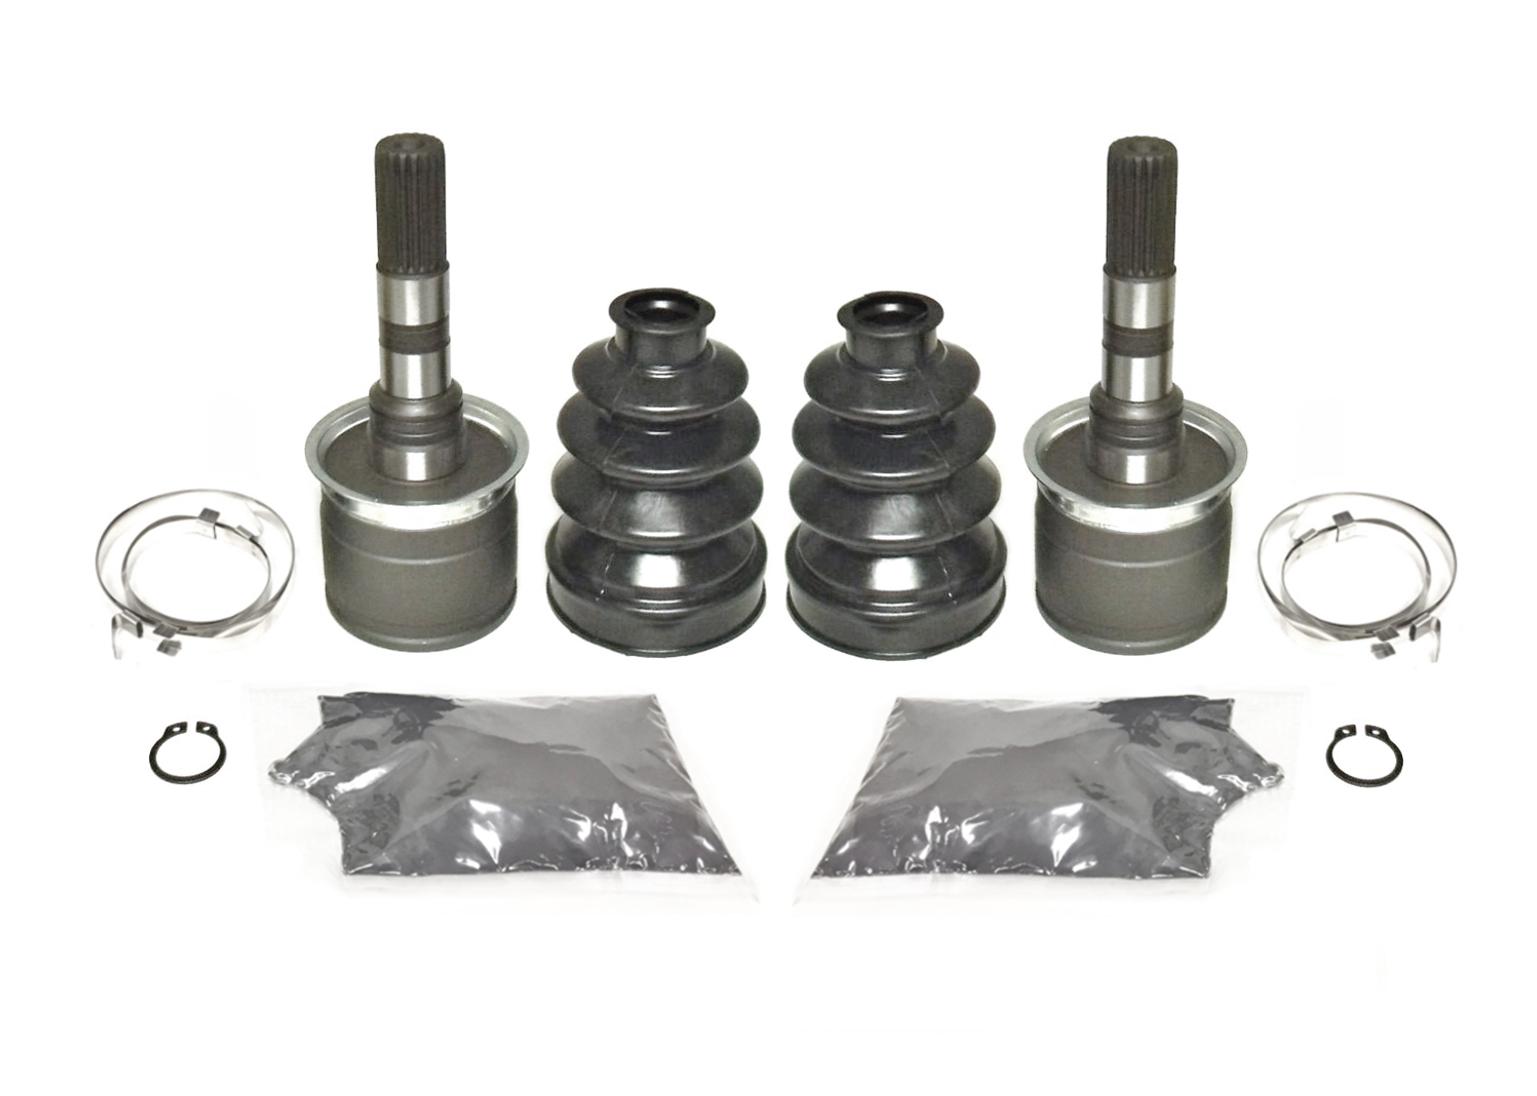 Pair of Front Wheel Bearing /& Seal Kits 2001-2008 Kawasaki Mule 3010 4x4